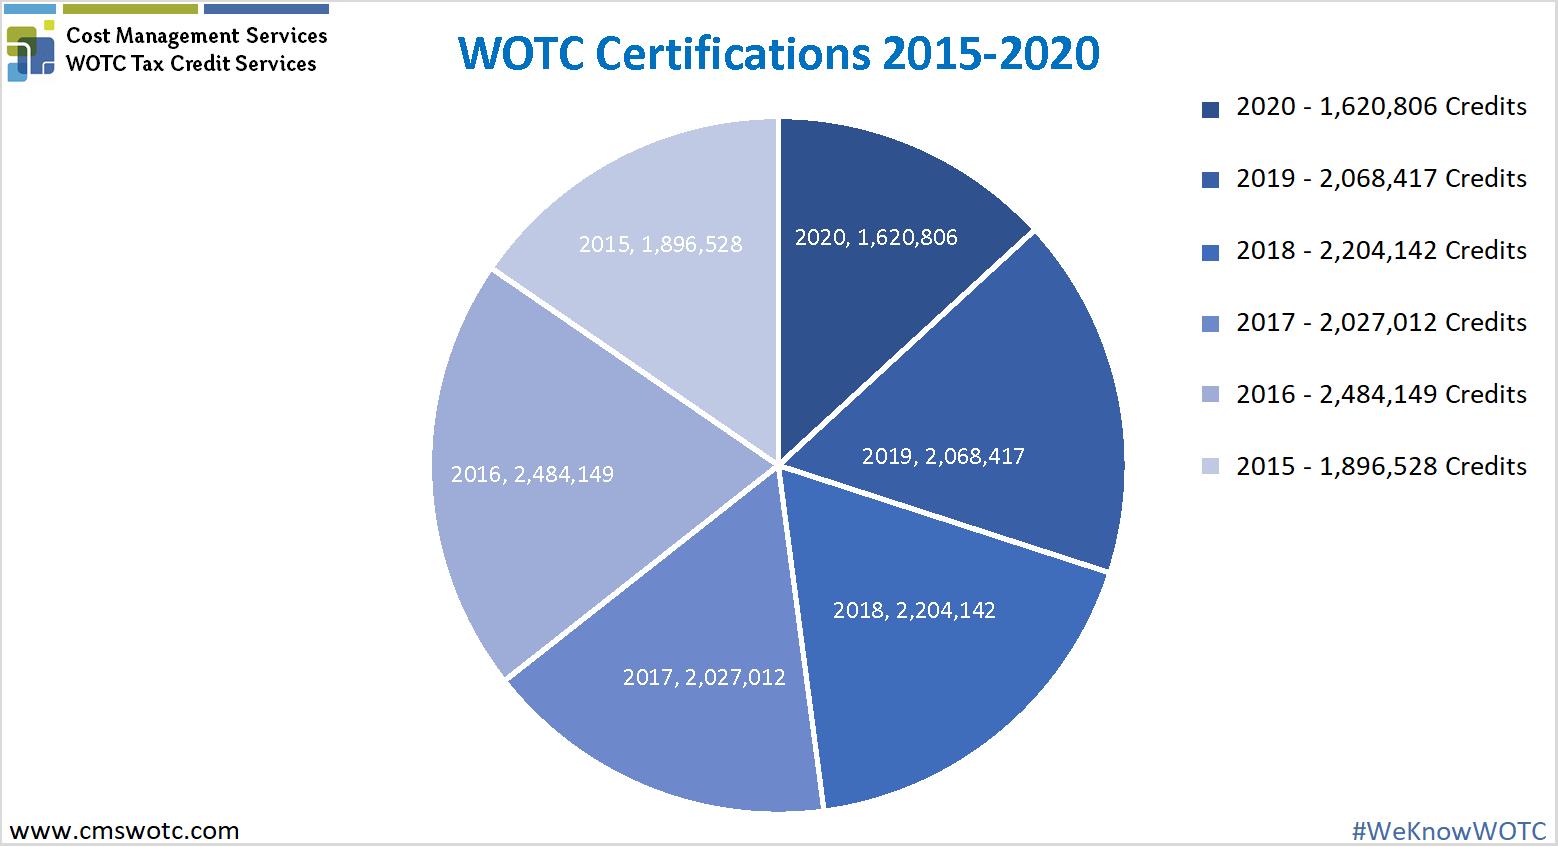 WOTC Statistics 2015-2020